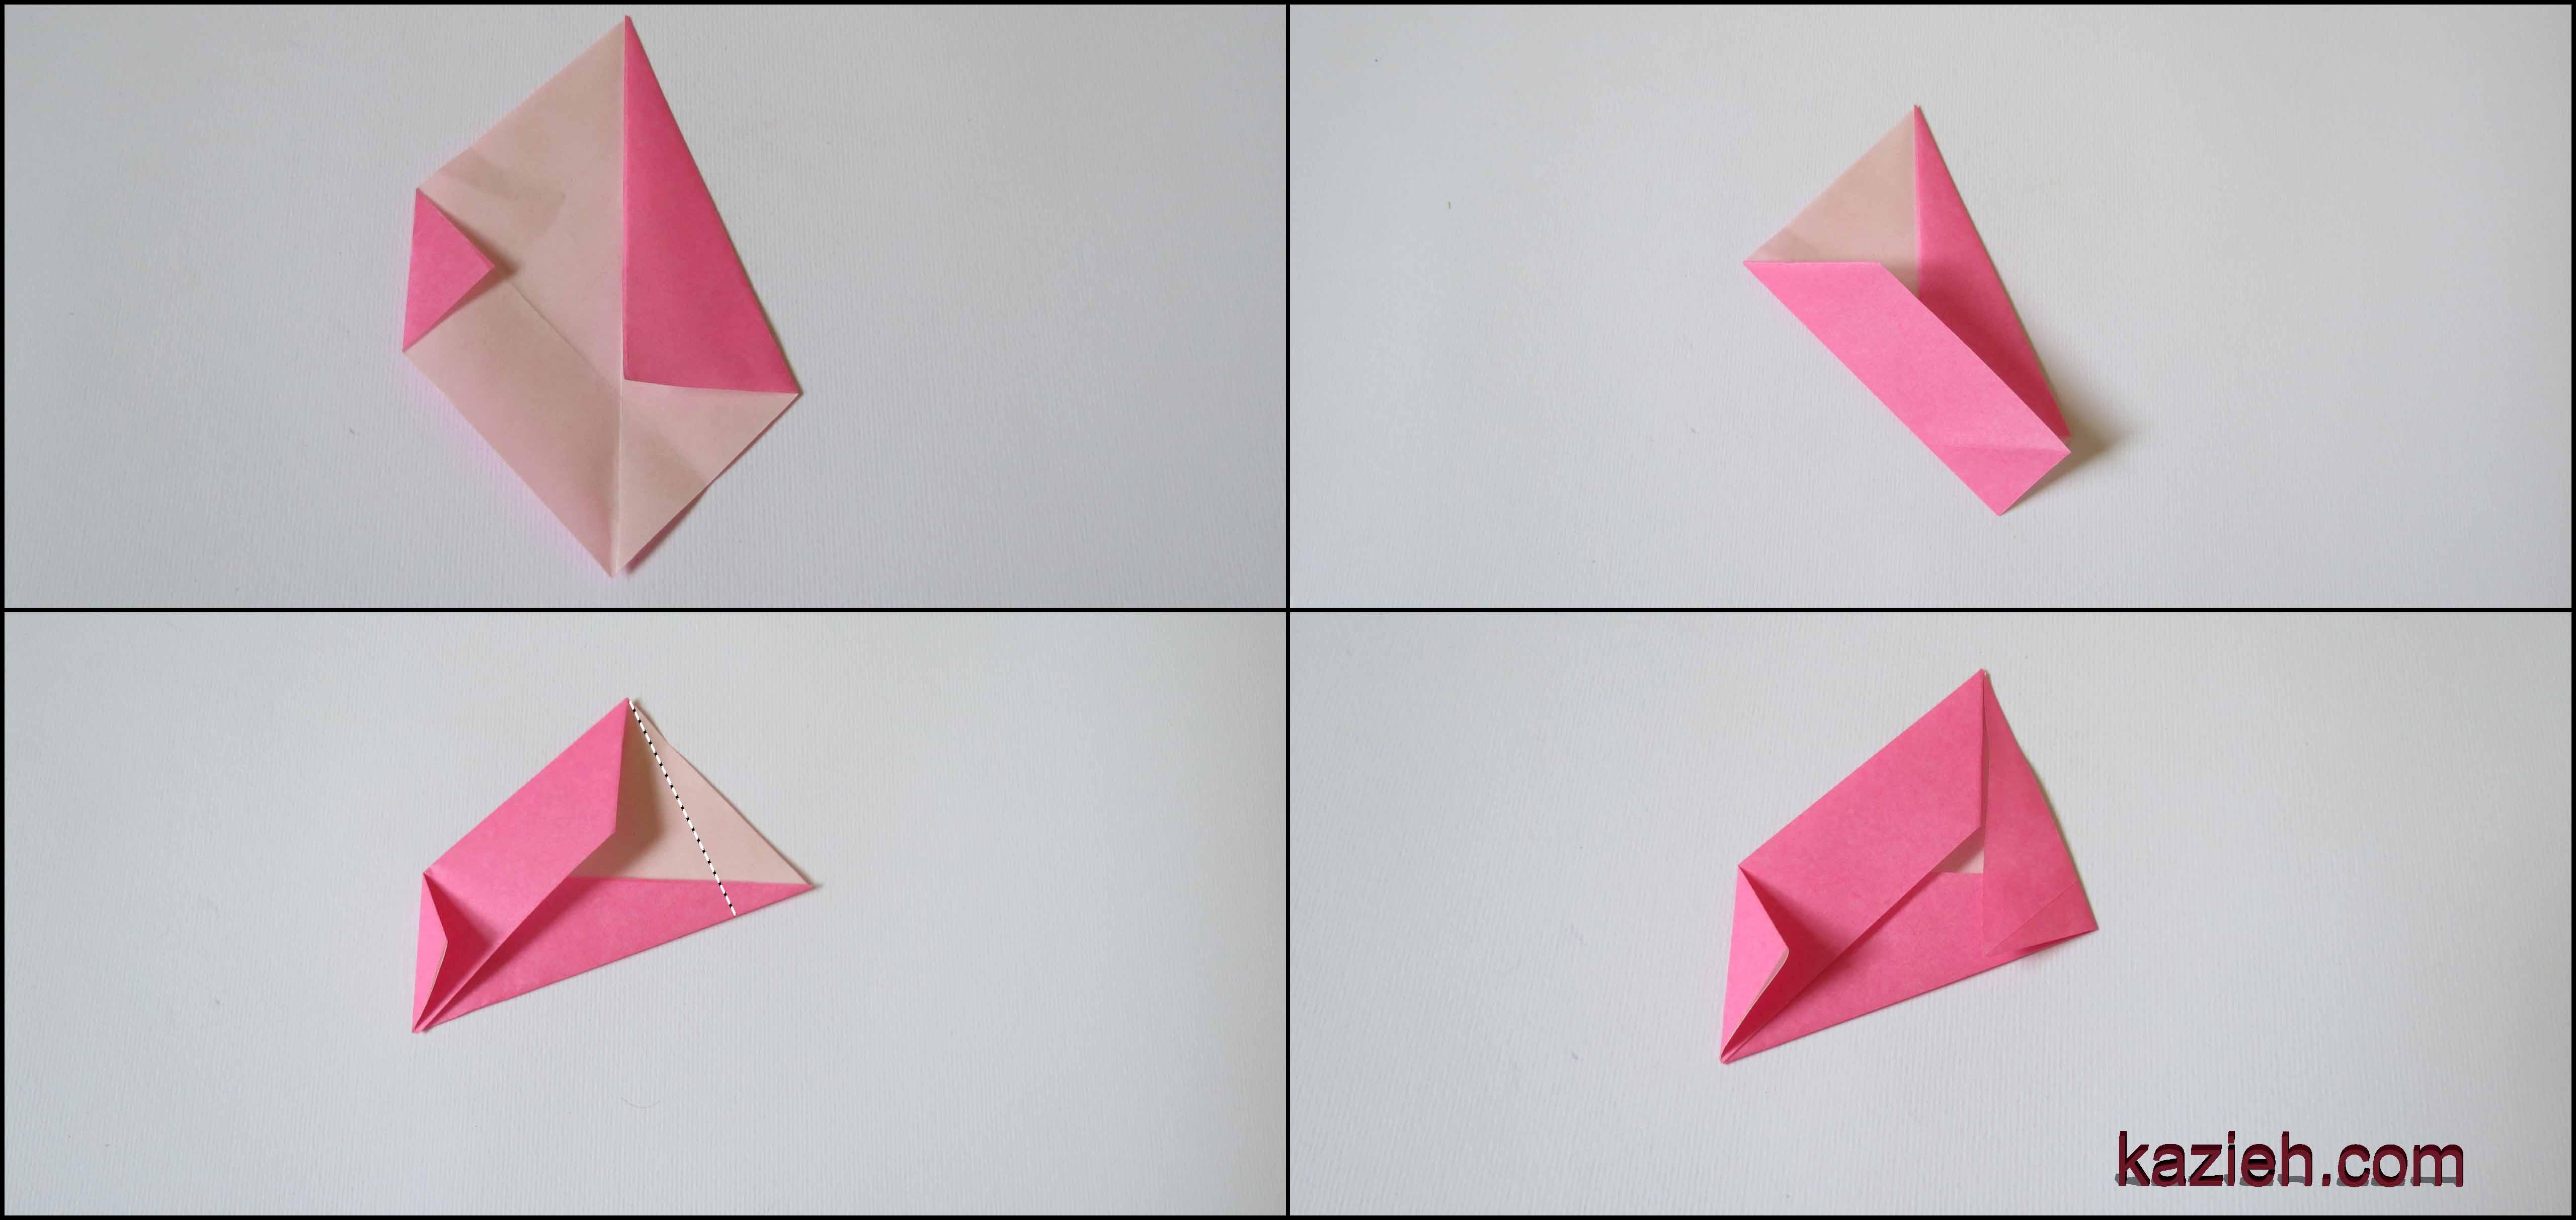 آموزش ستاره اوریگامی رابین- مرحله سوم - کازیه